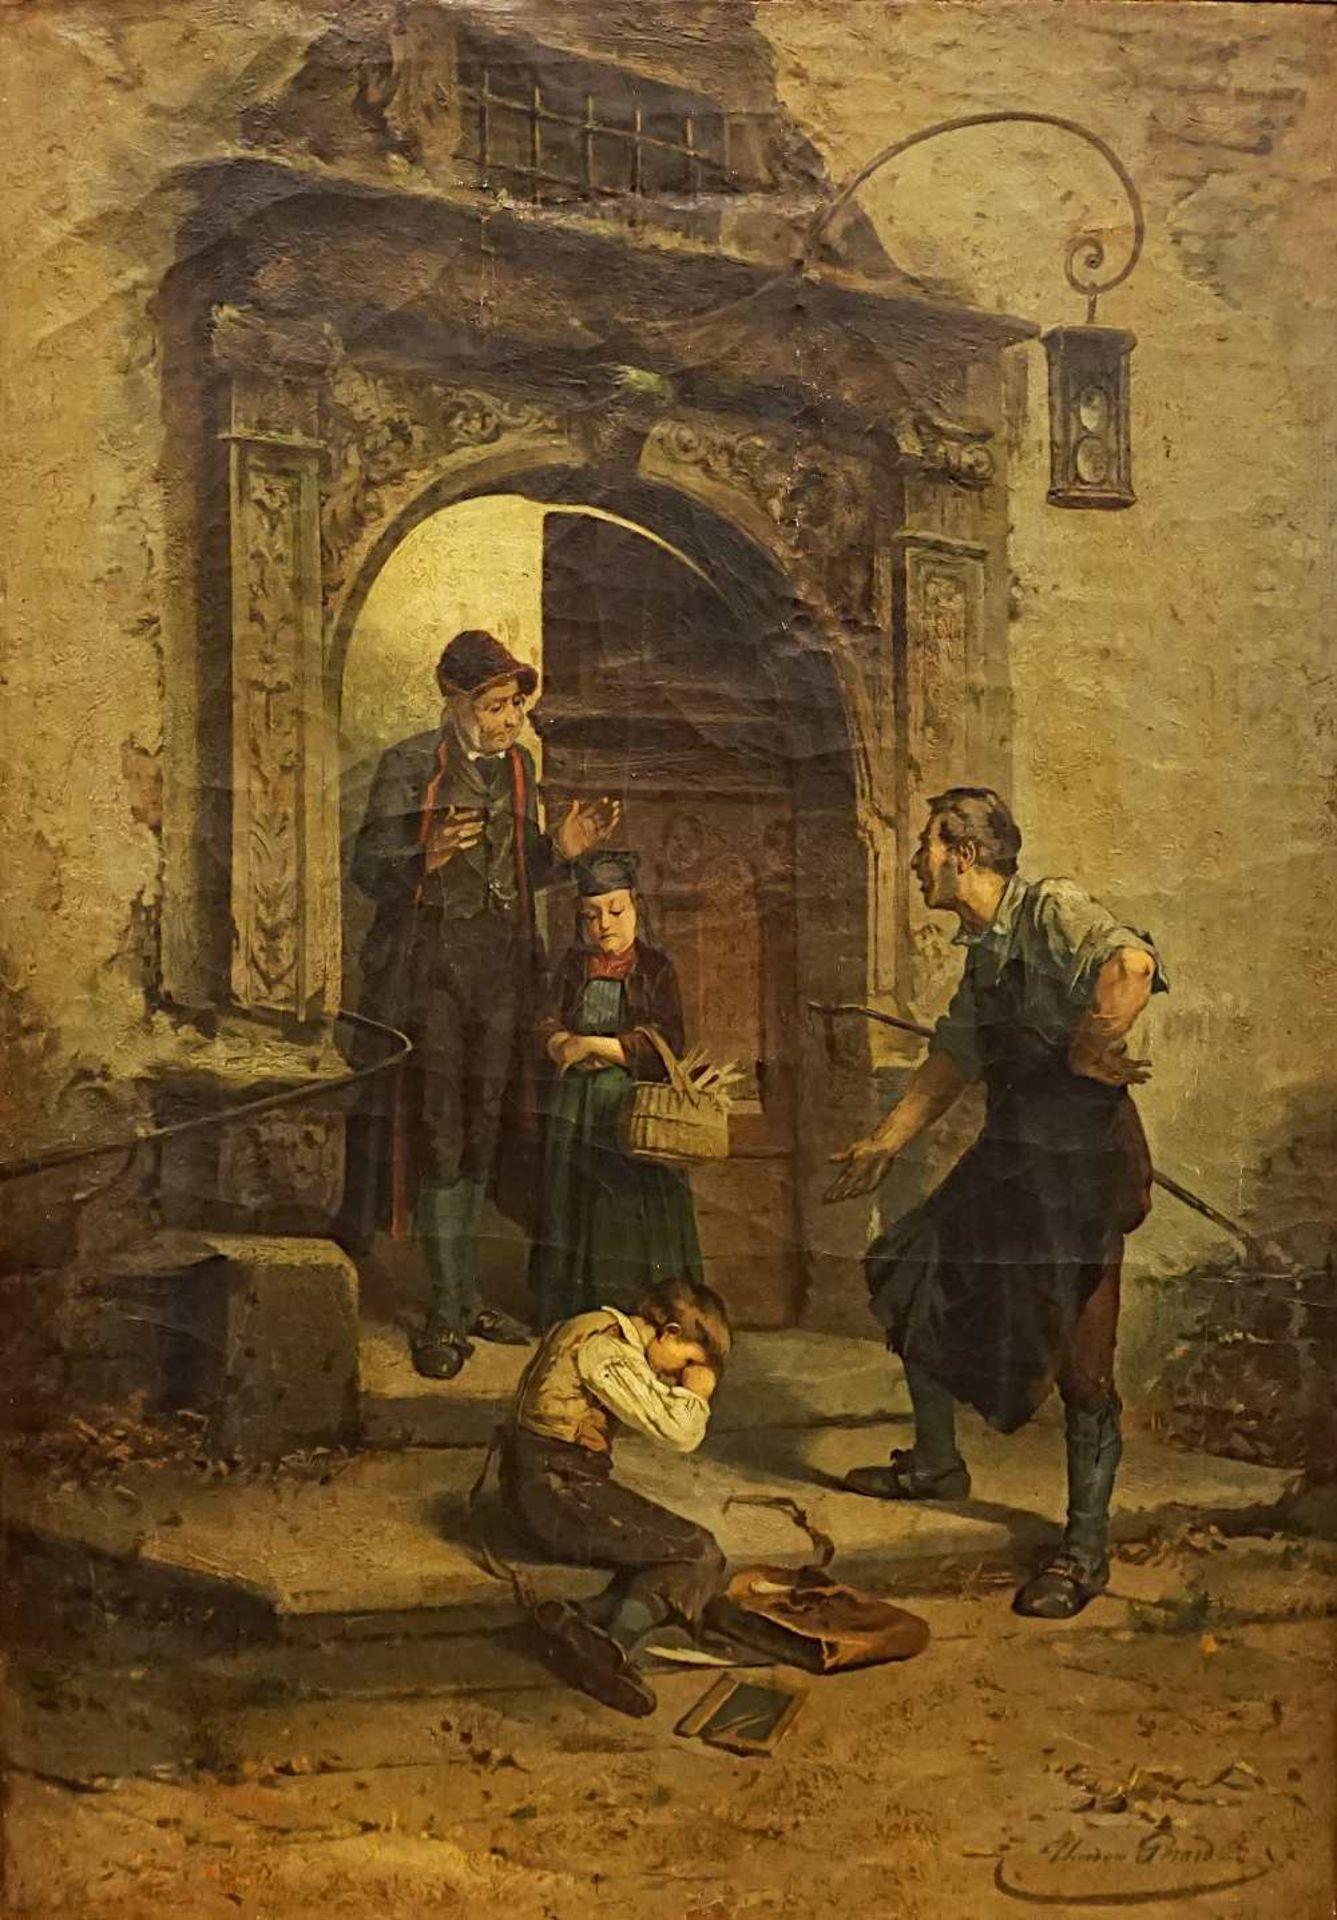 """1 Ölgemälde """"Der Sohn des Schmieds - Die zerbrochene Schiefertafel"""", R.u. sign. Théodore GÉR"""